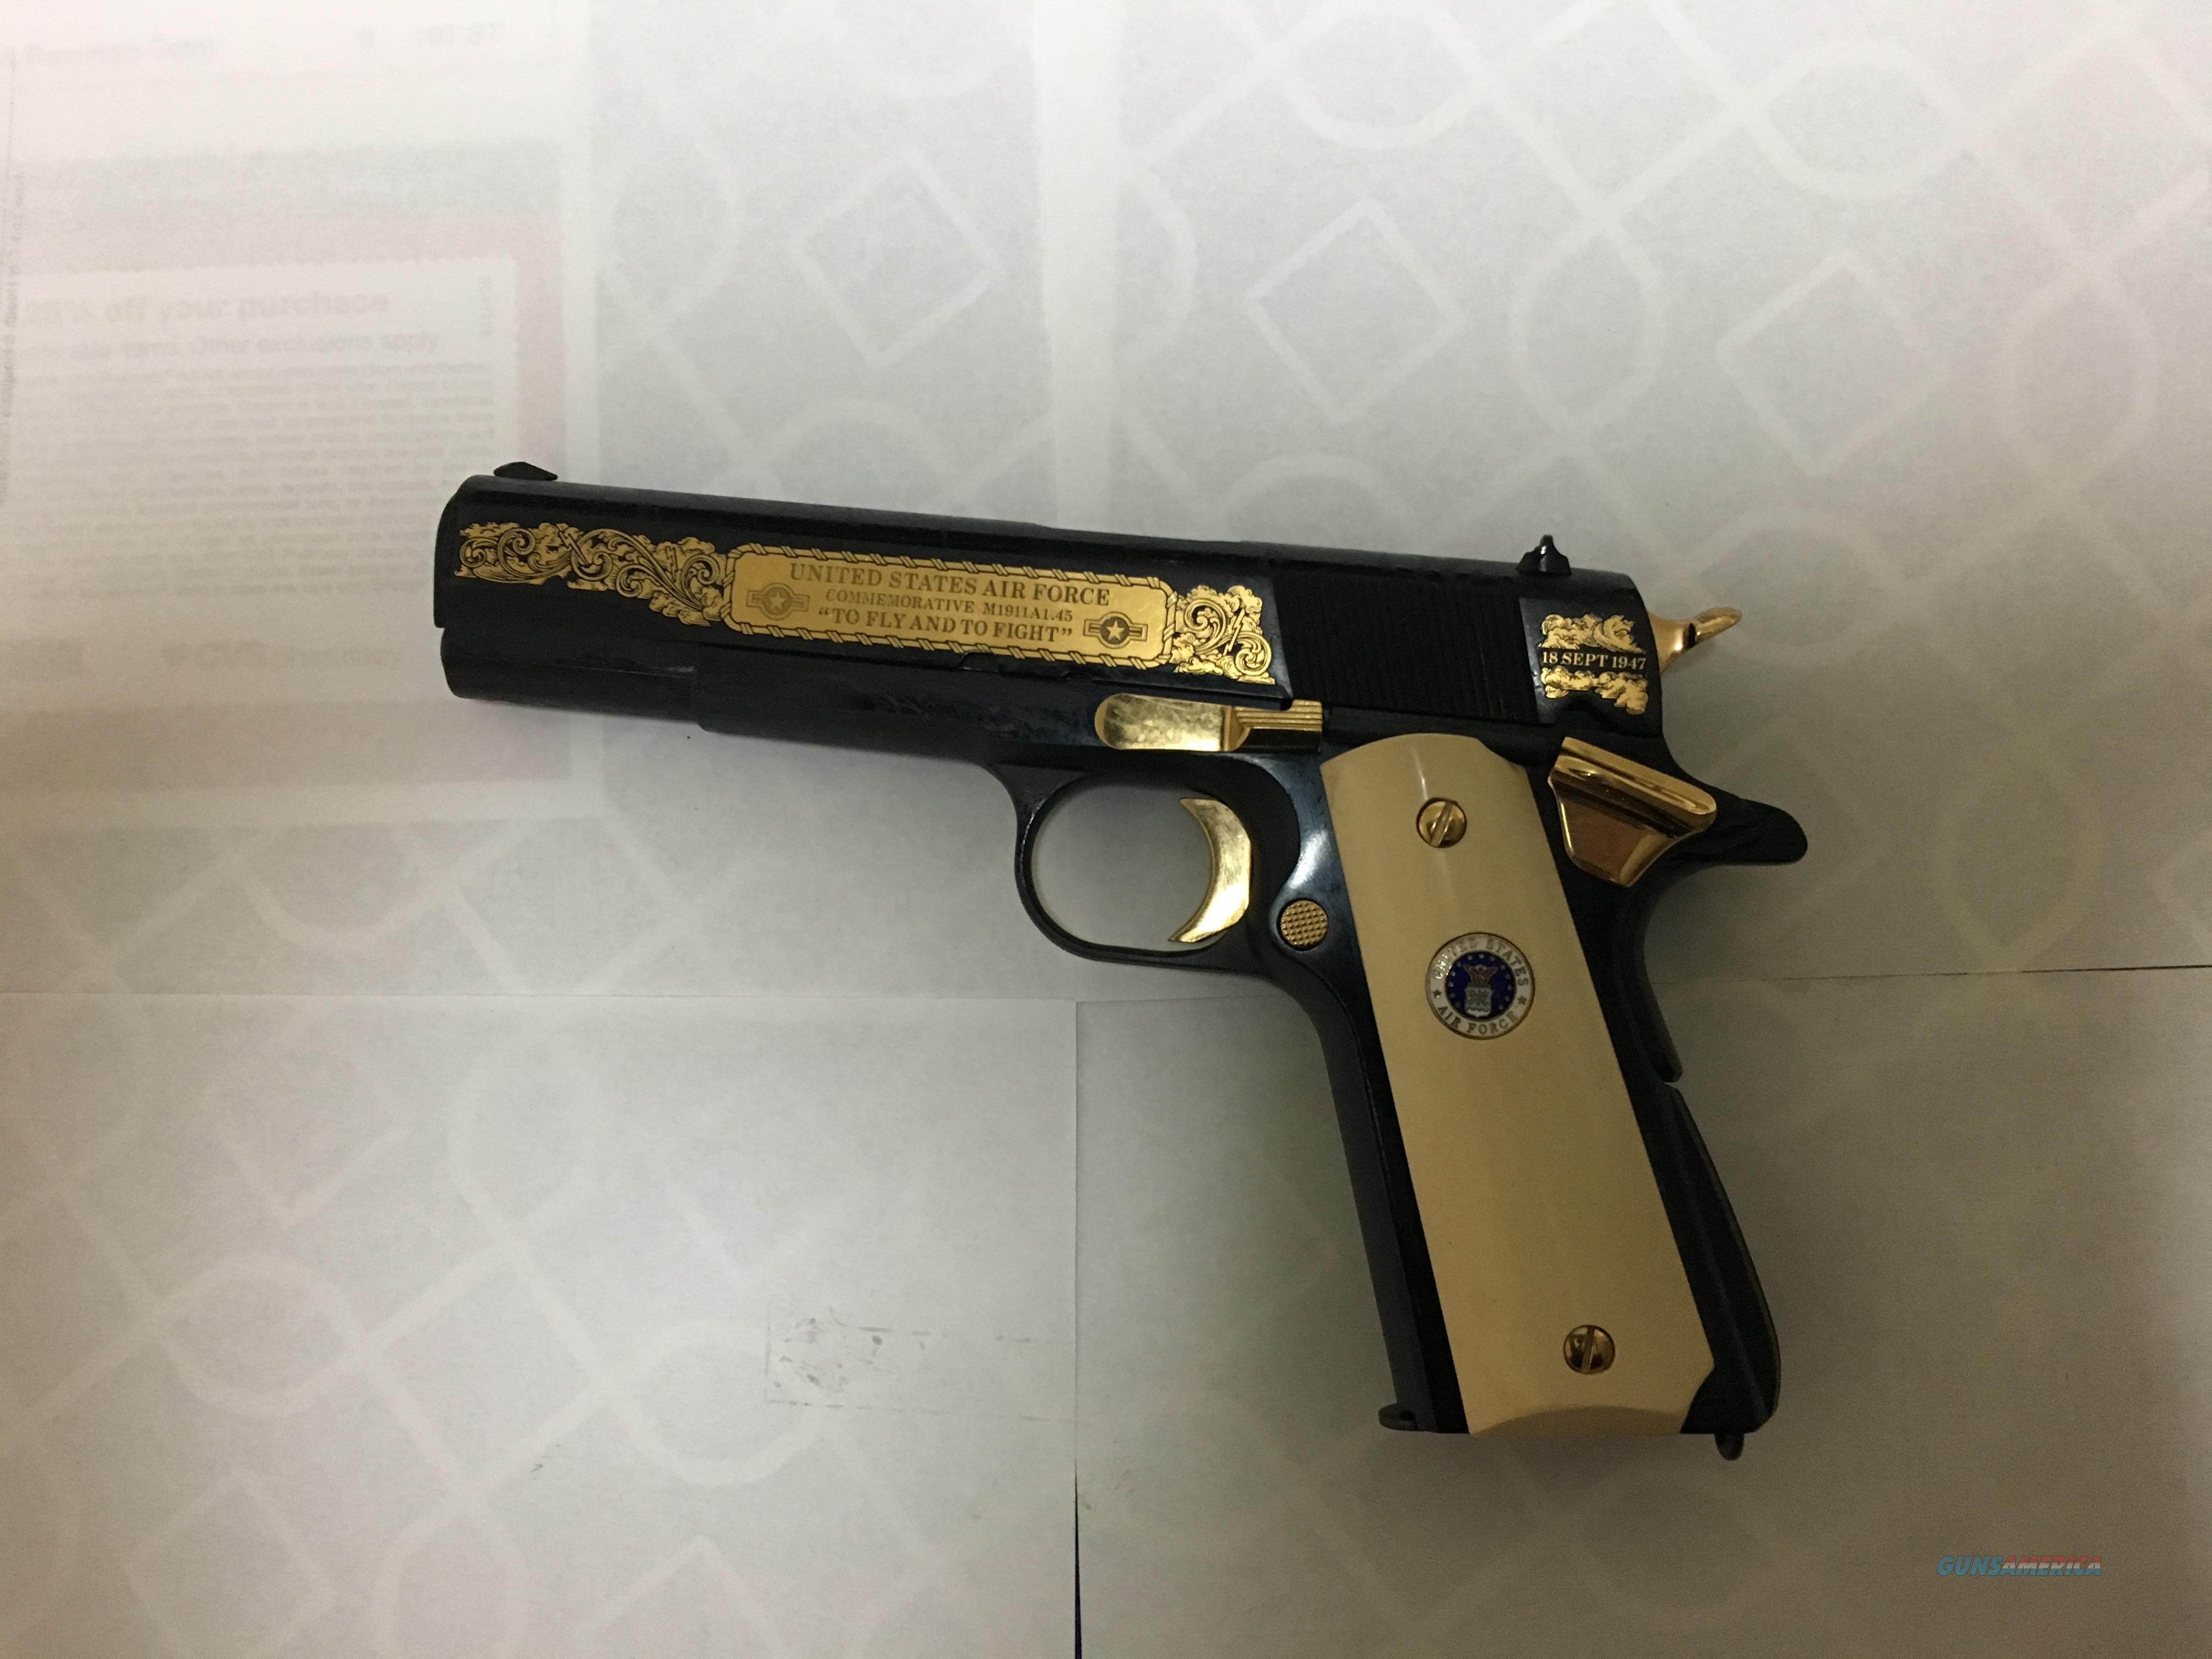 Auto ordnance   Guns > Pistols > Auto Ordnance Pistols